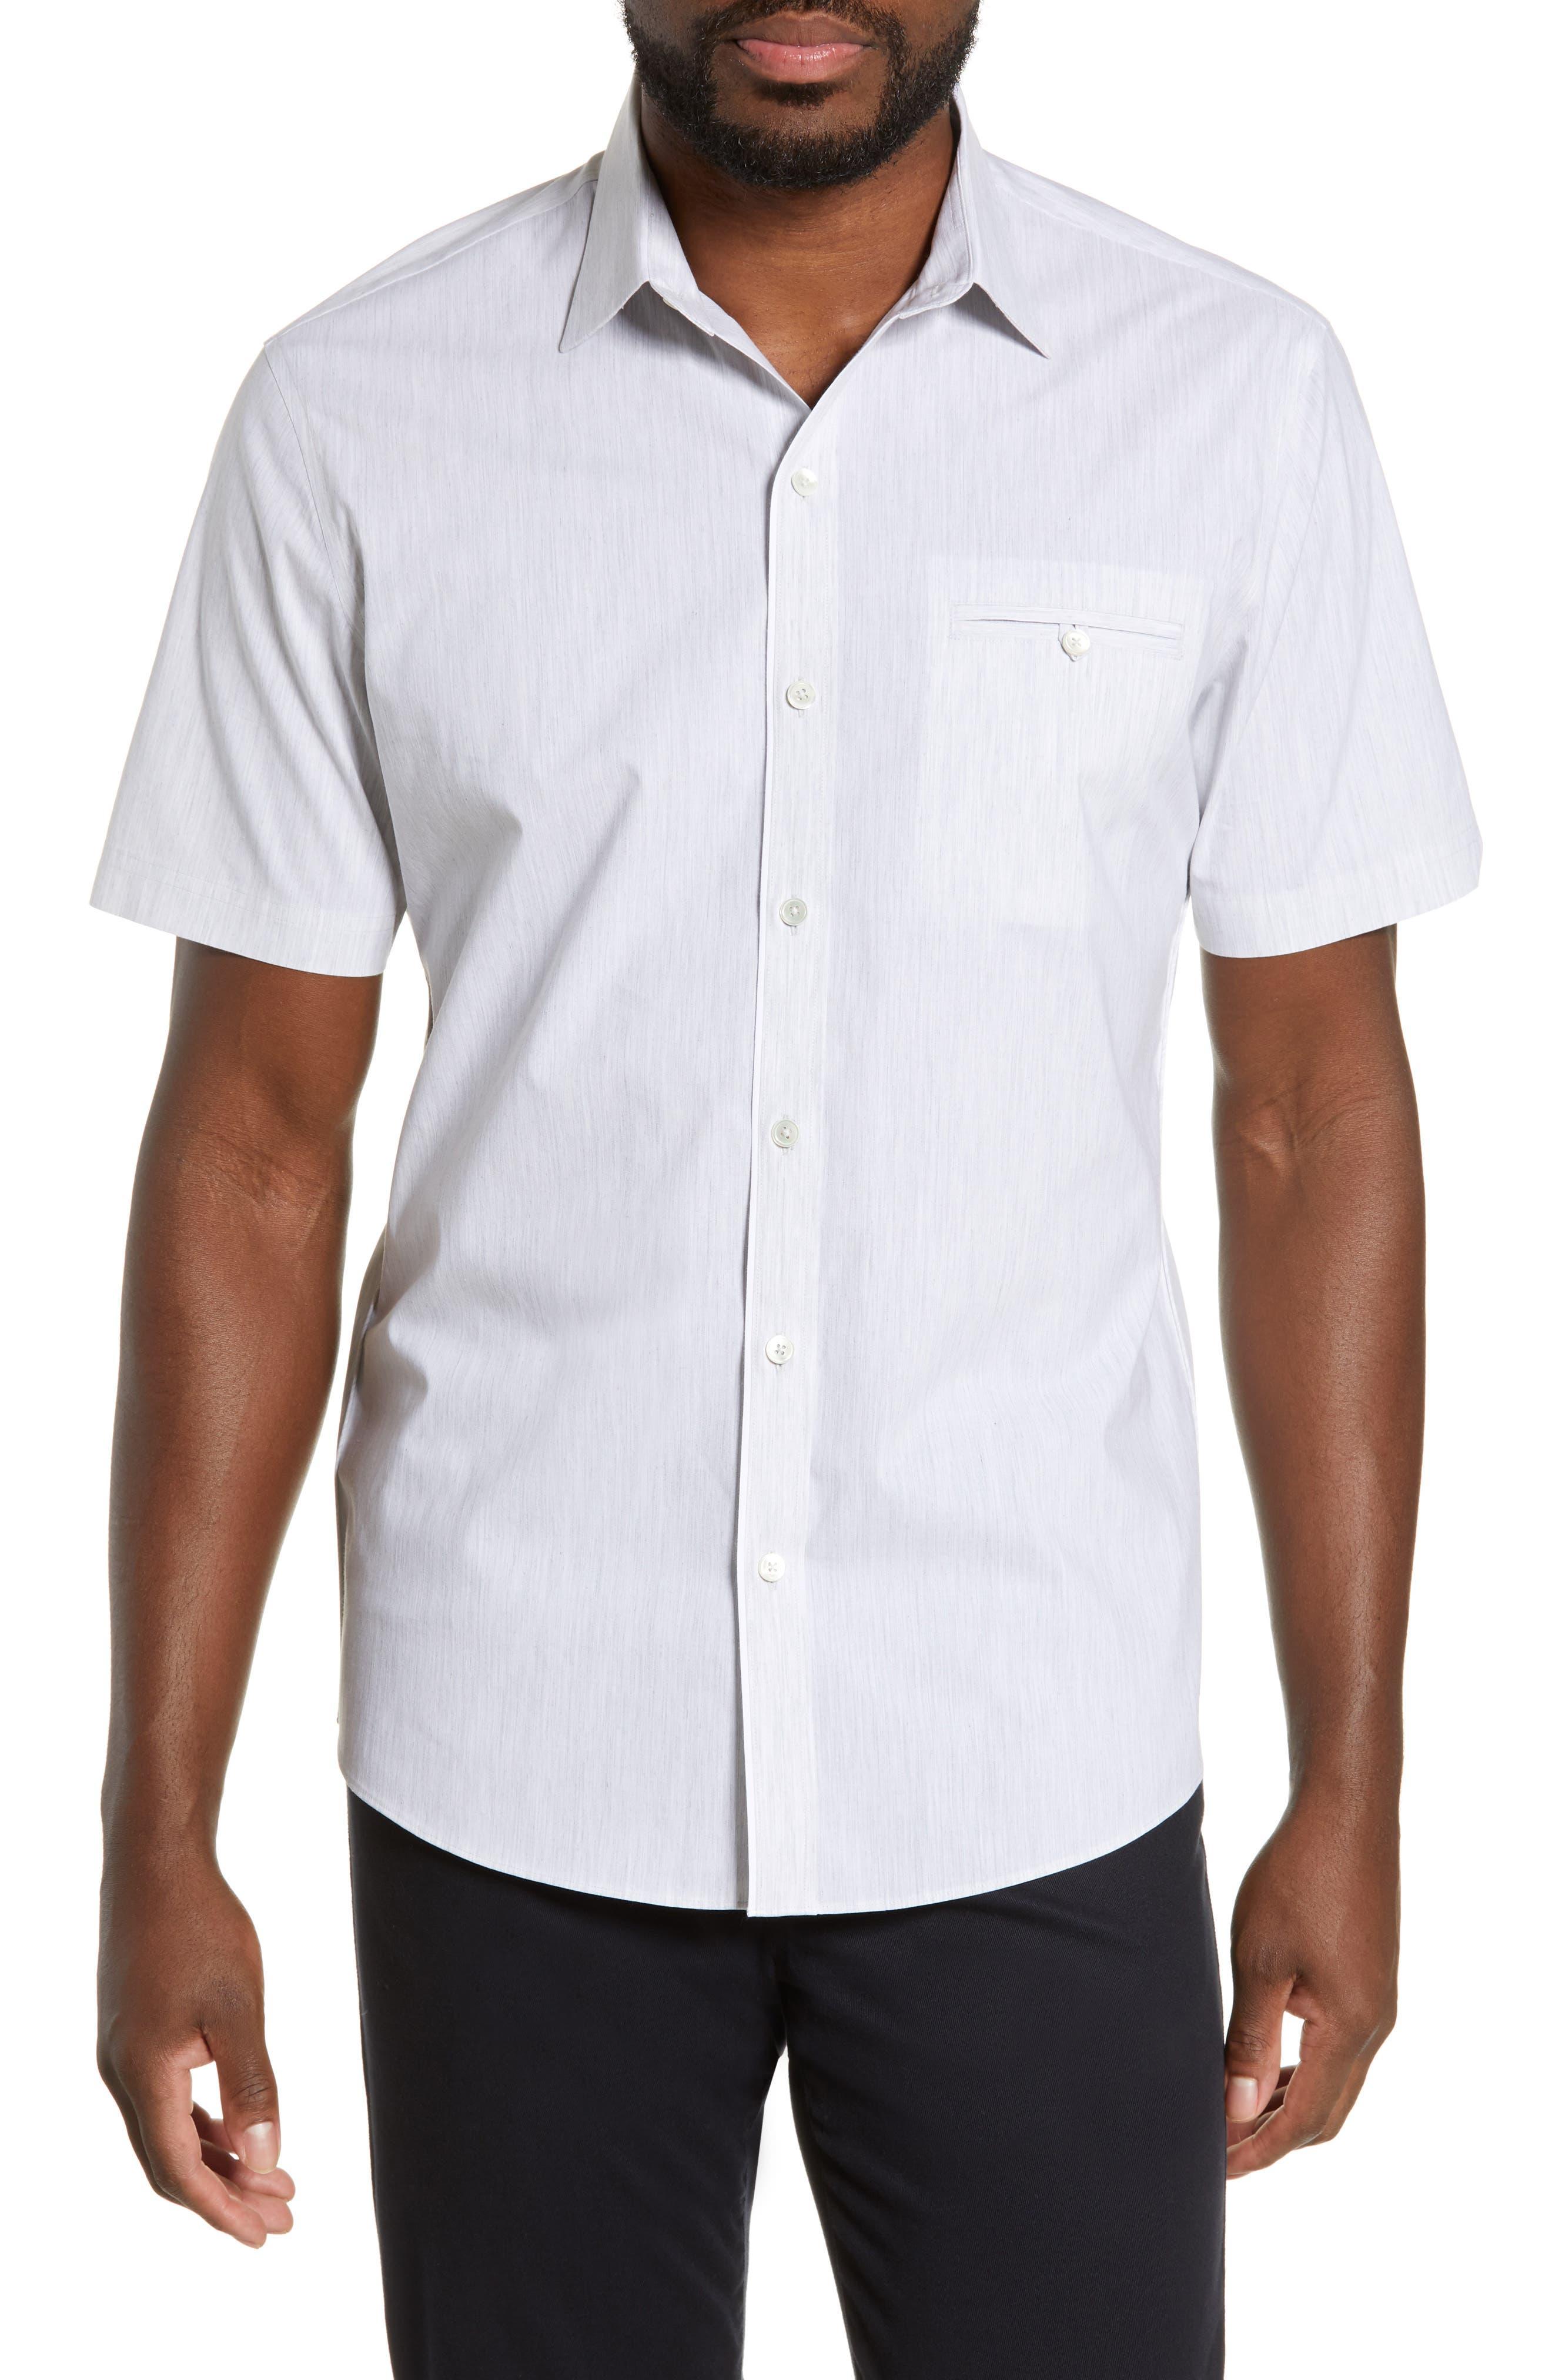 ZACHARY PRELL, Baumann Regular Fit Sport Shirt, Main thumbnail 1, color, GREY